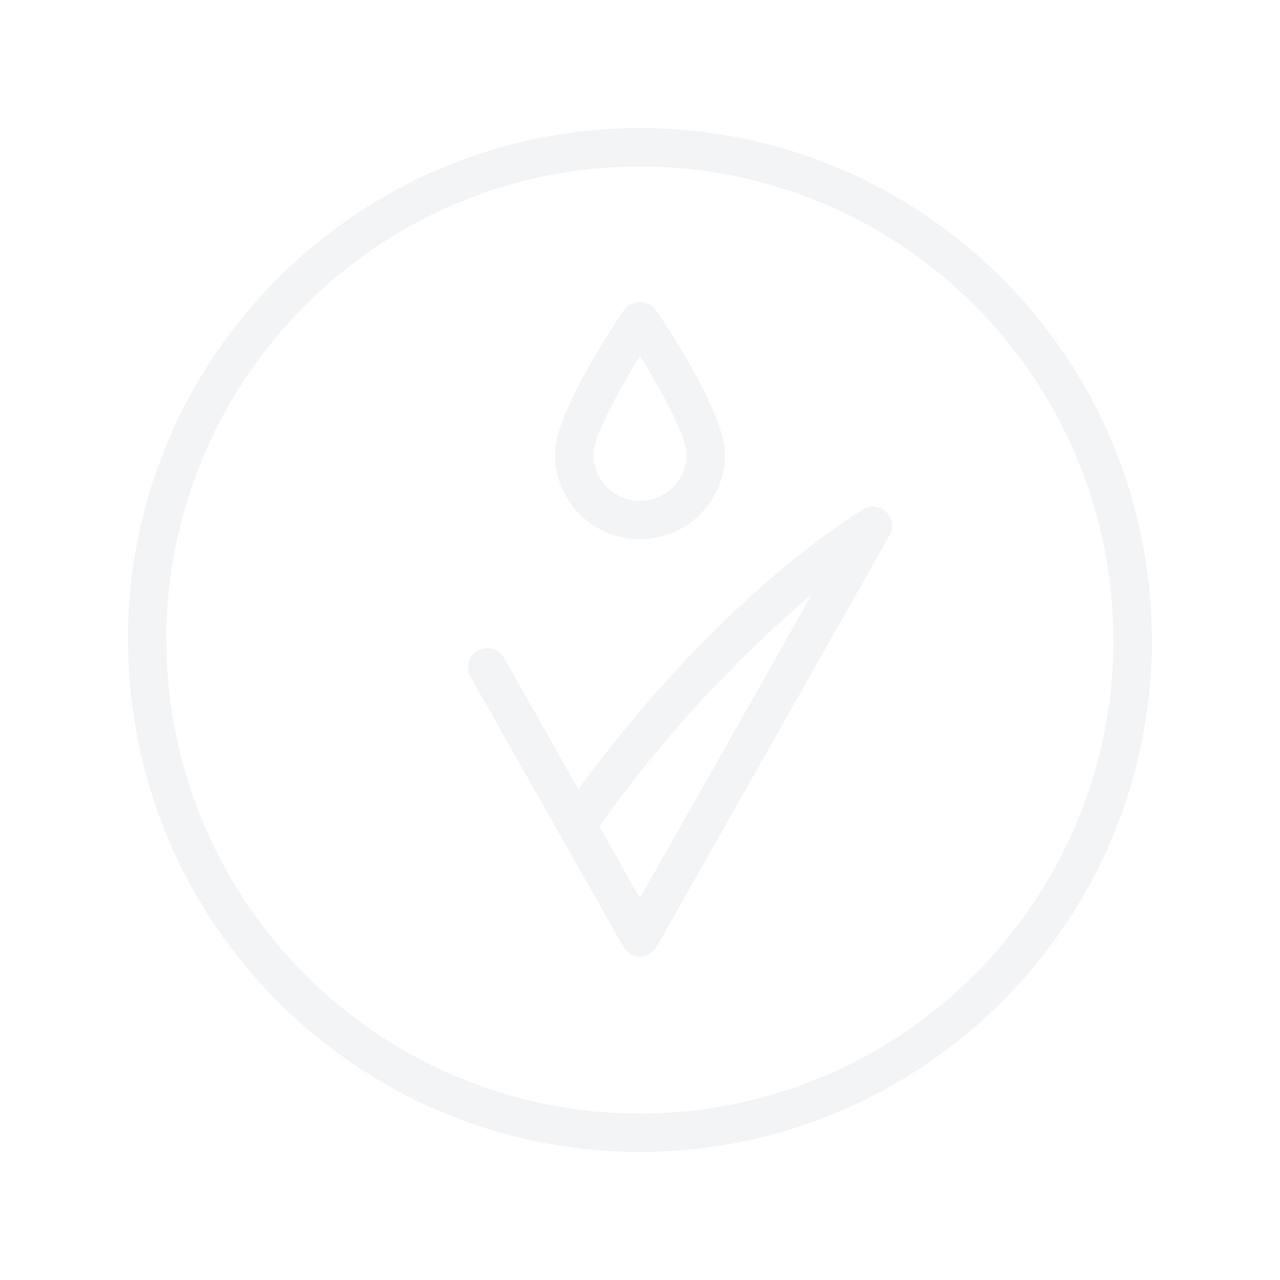 LA ROCHE-POSAY Effaclar Duo + Unifiant Корректирующий крем- гель для проблемной кожи 40ml